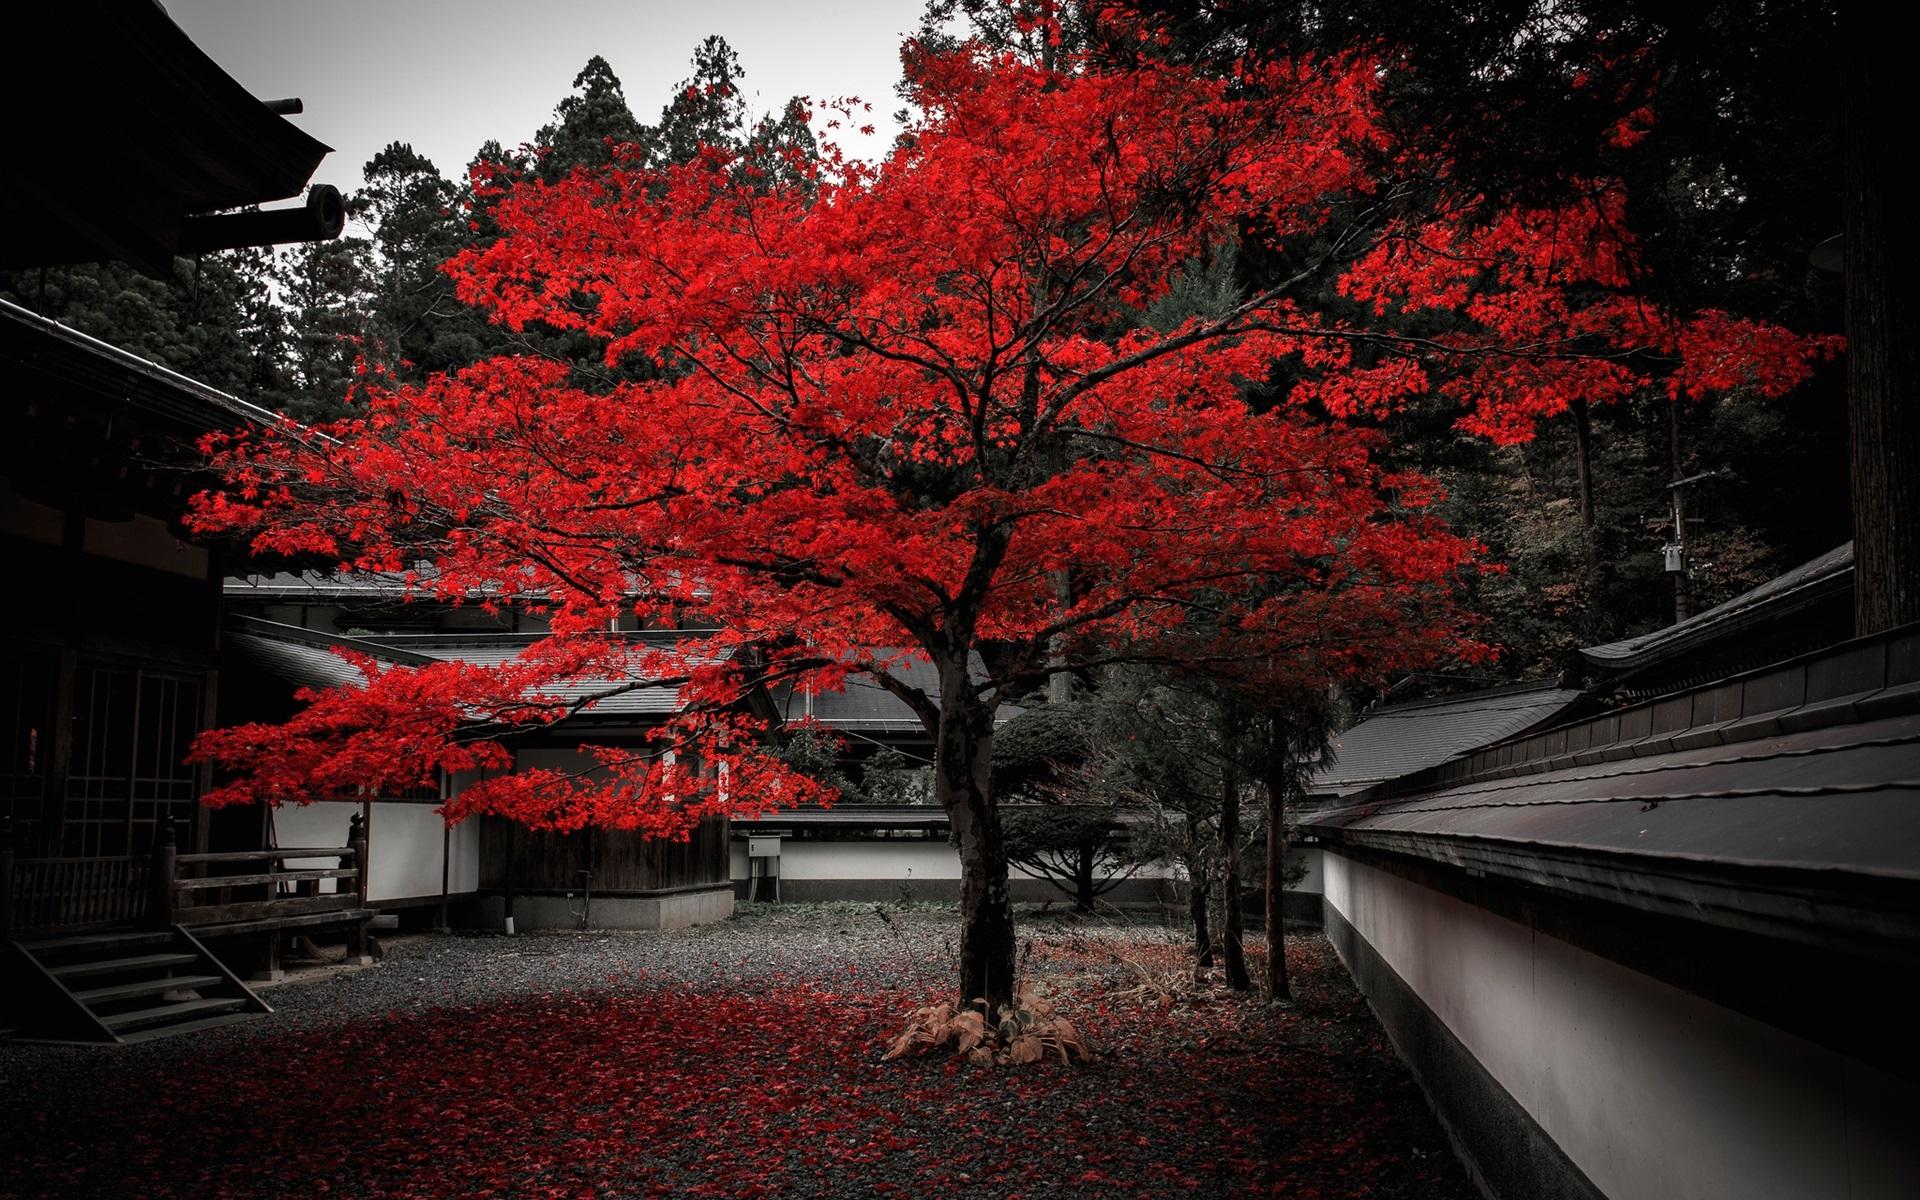 Avenged Sevenfold 3d Wallpaper Japan House Tree Red Leaves Autumn Wallpaper Travel